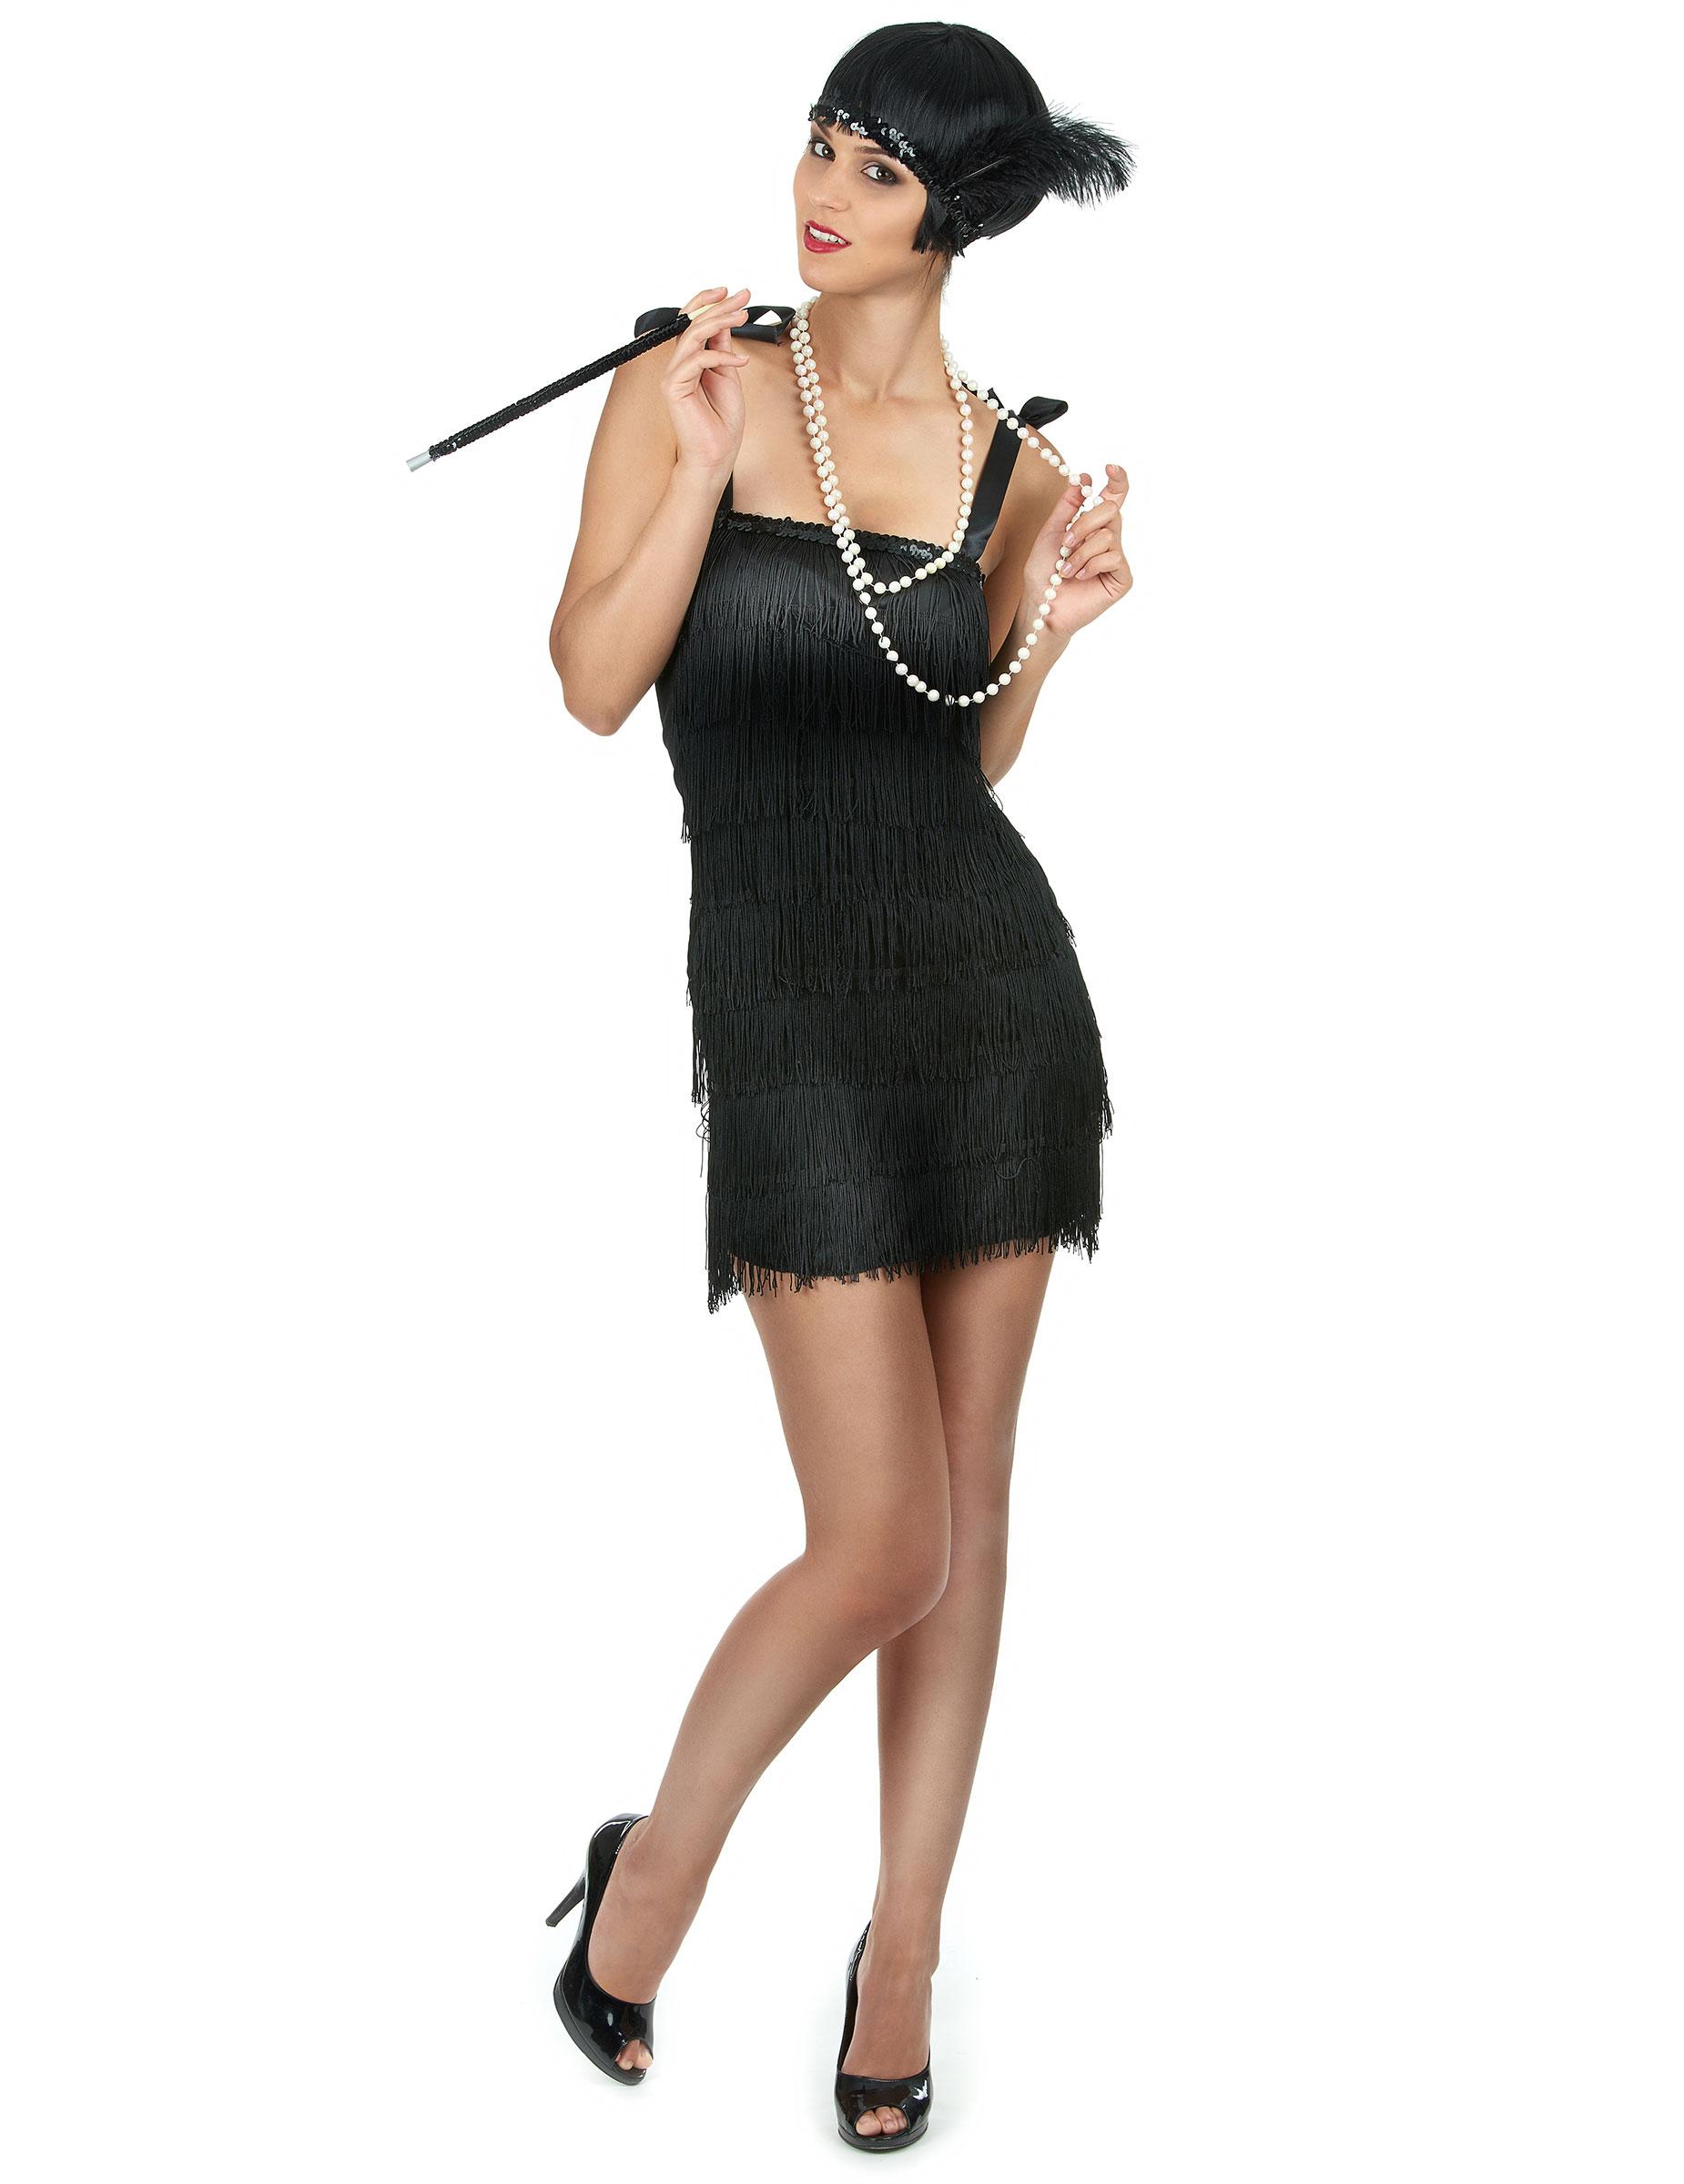 disfraz charleston mujer disfraces adultos y disfraces. Black Bedroom Furniture Sets. Home Design Ideas